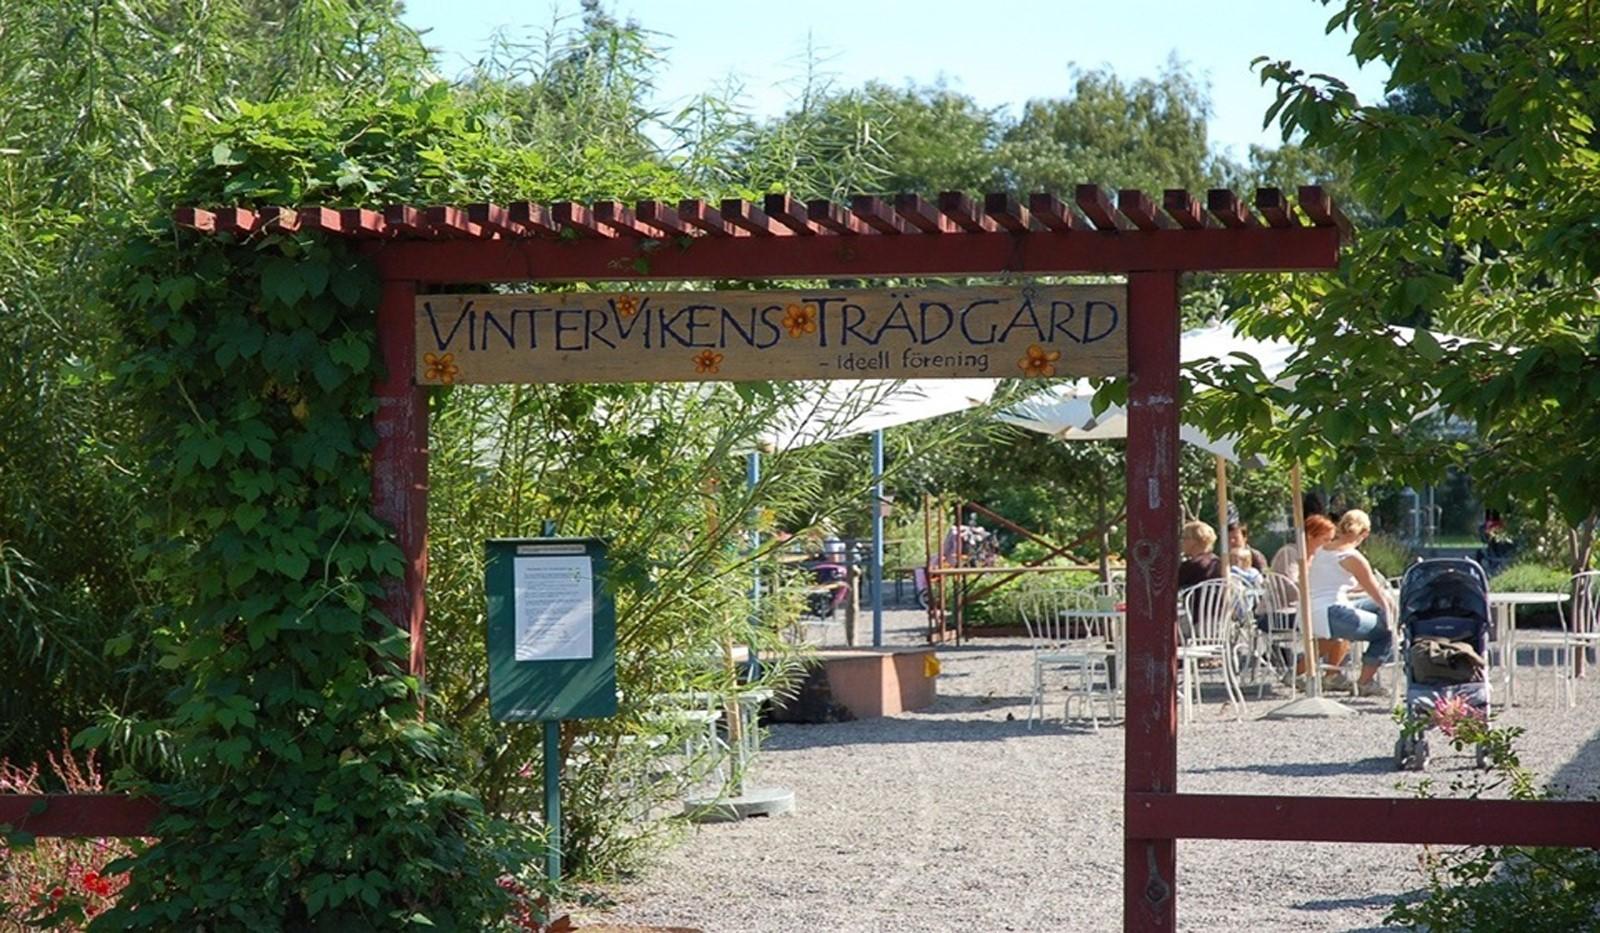 Hägerstensvägen 99B - Vintervikens Trädgård